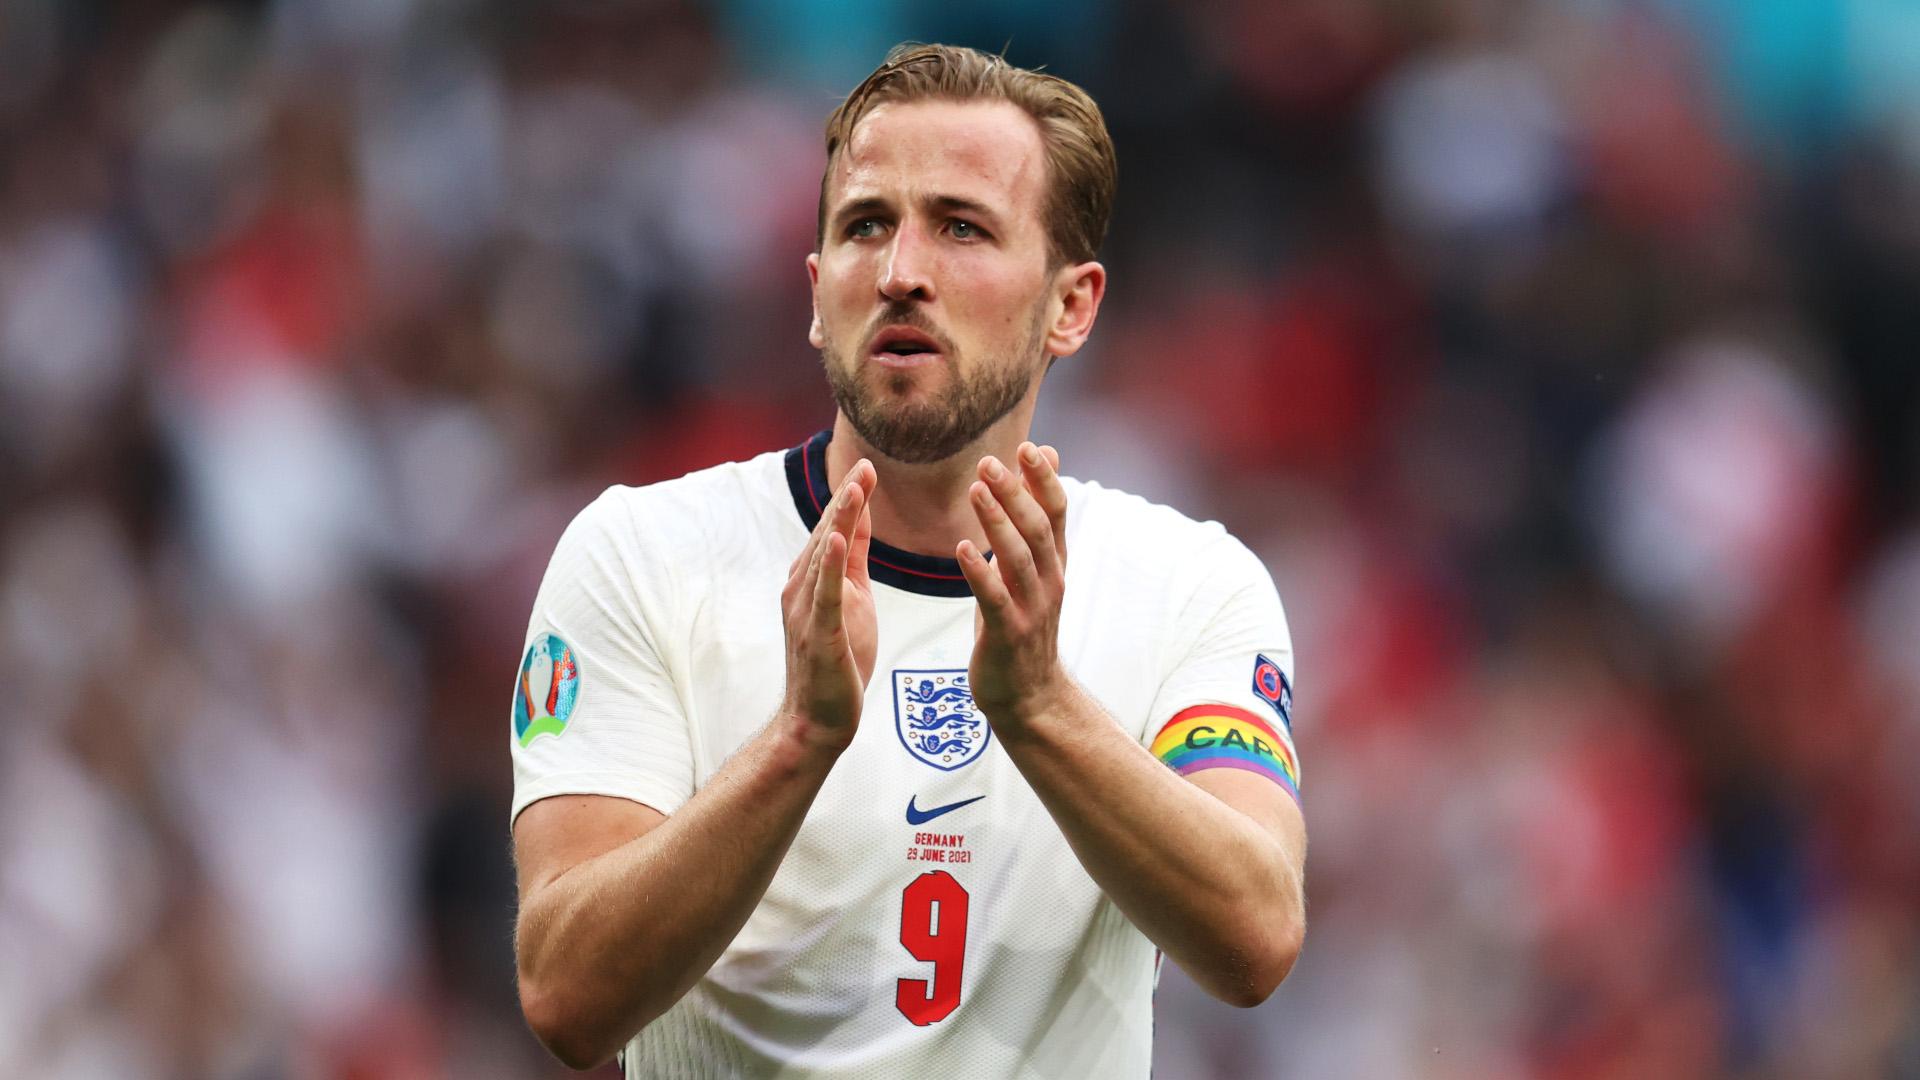 LIVE: England vs Denmark